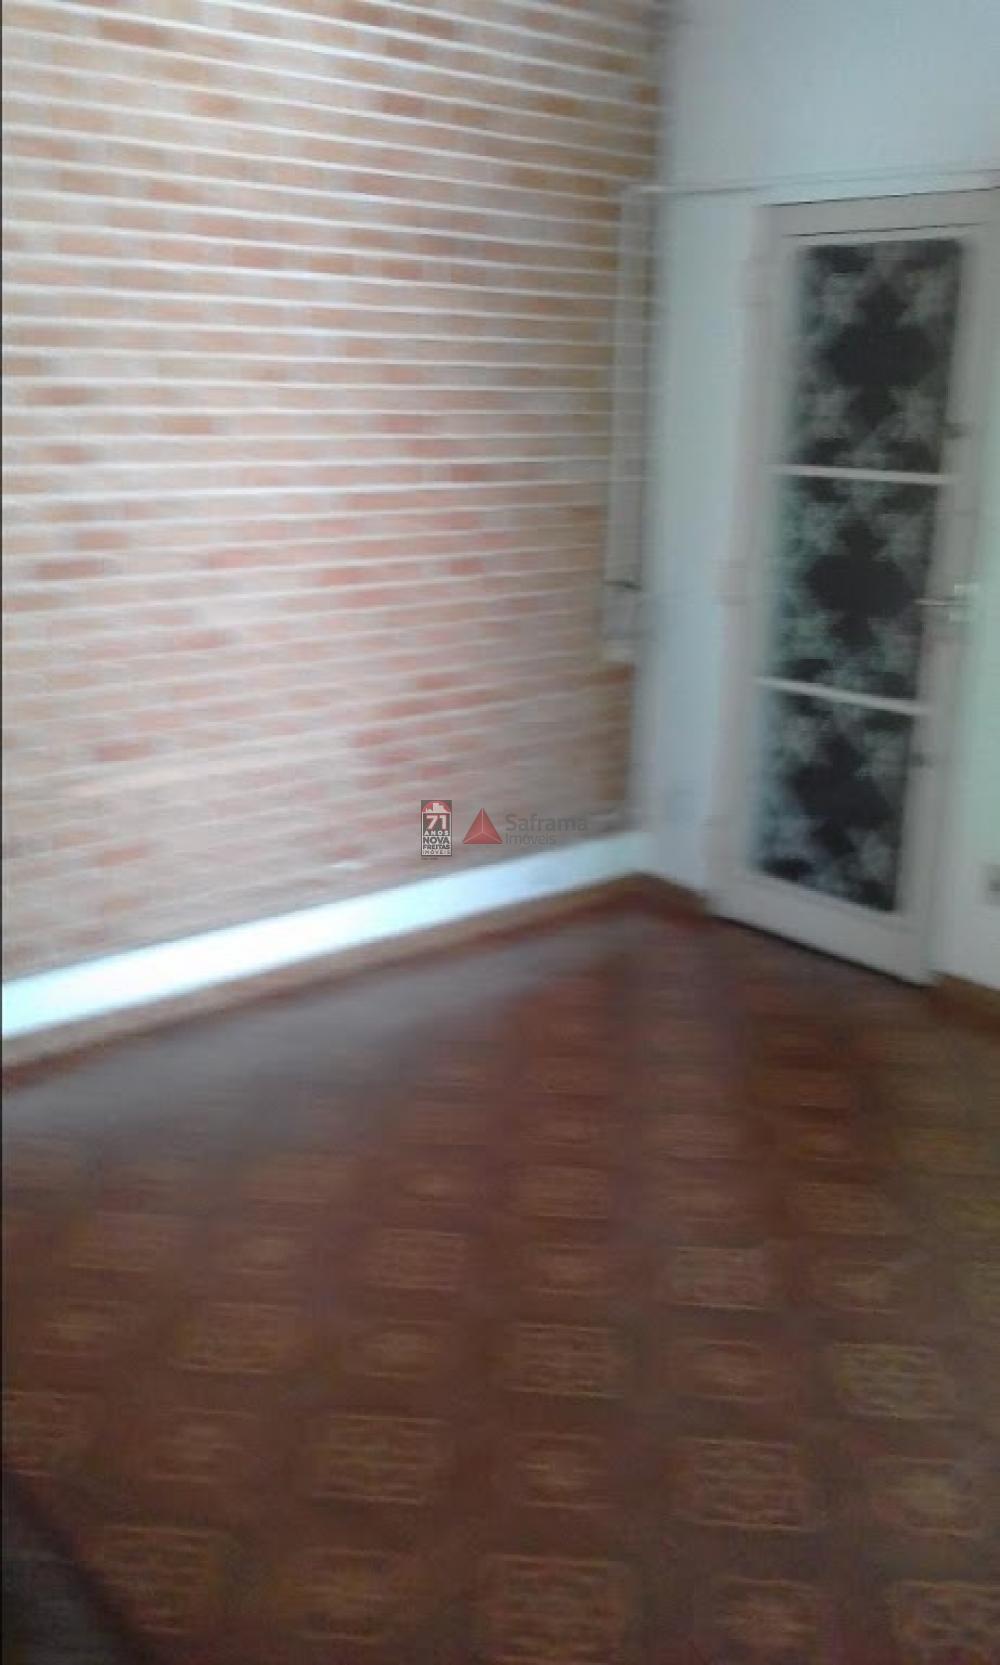 Alugar Comercial / Casa Comercial em São José dos Campos apenas R$ 3.500,00 - Foto 7